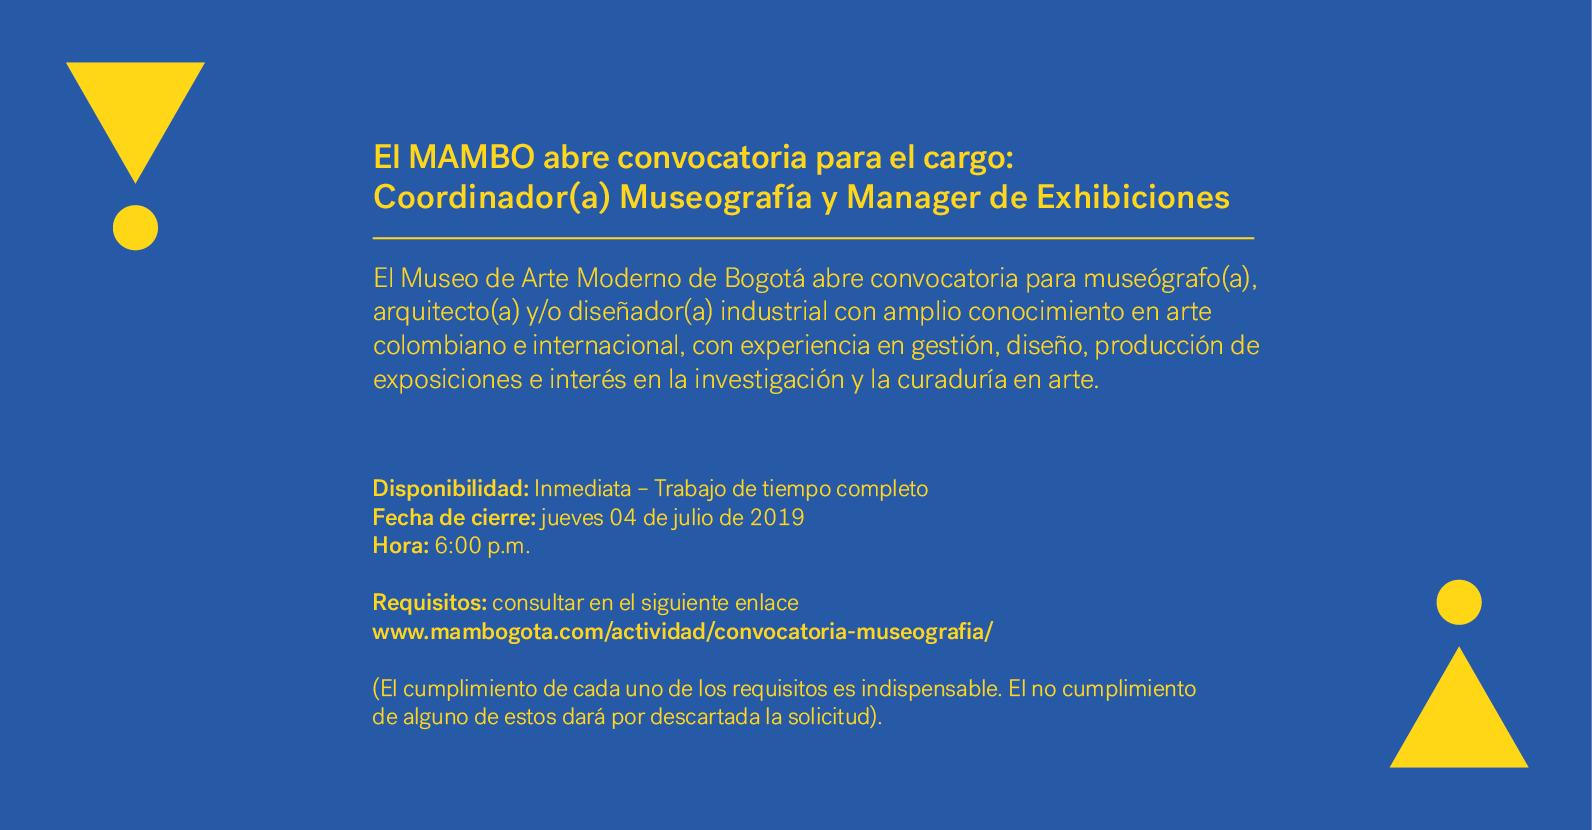 Coordinador(a) Museografía y Manager de Exhibiciones